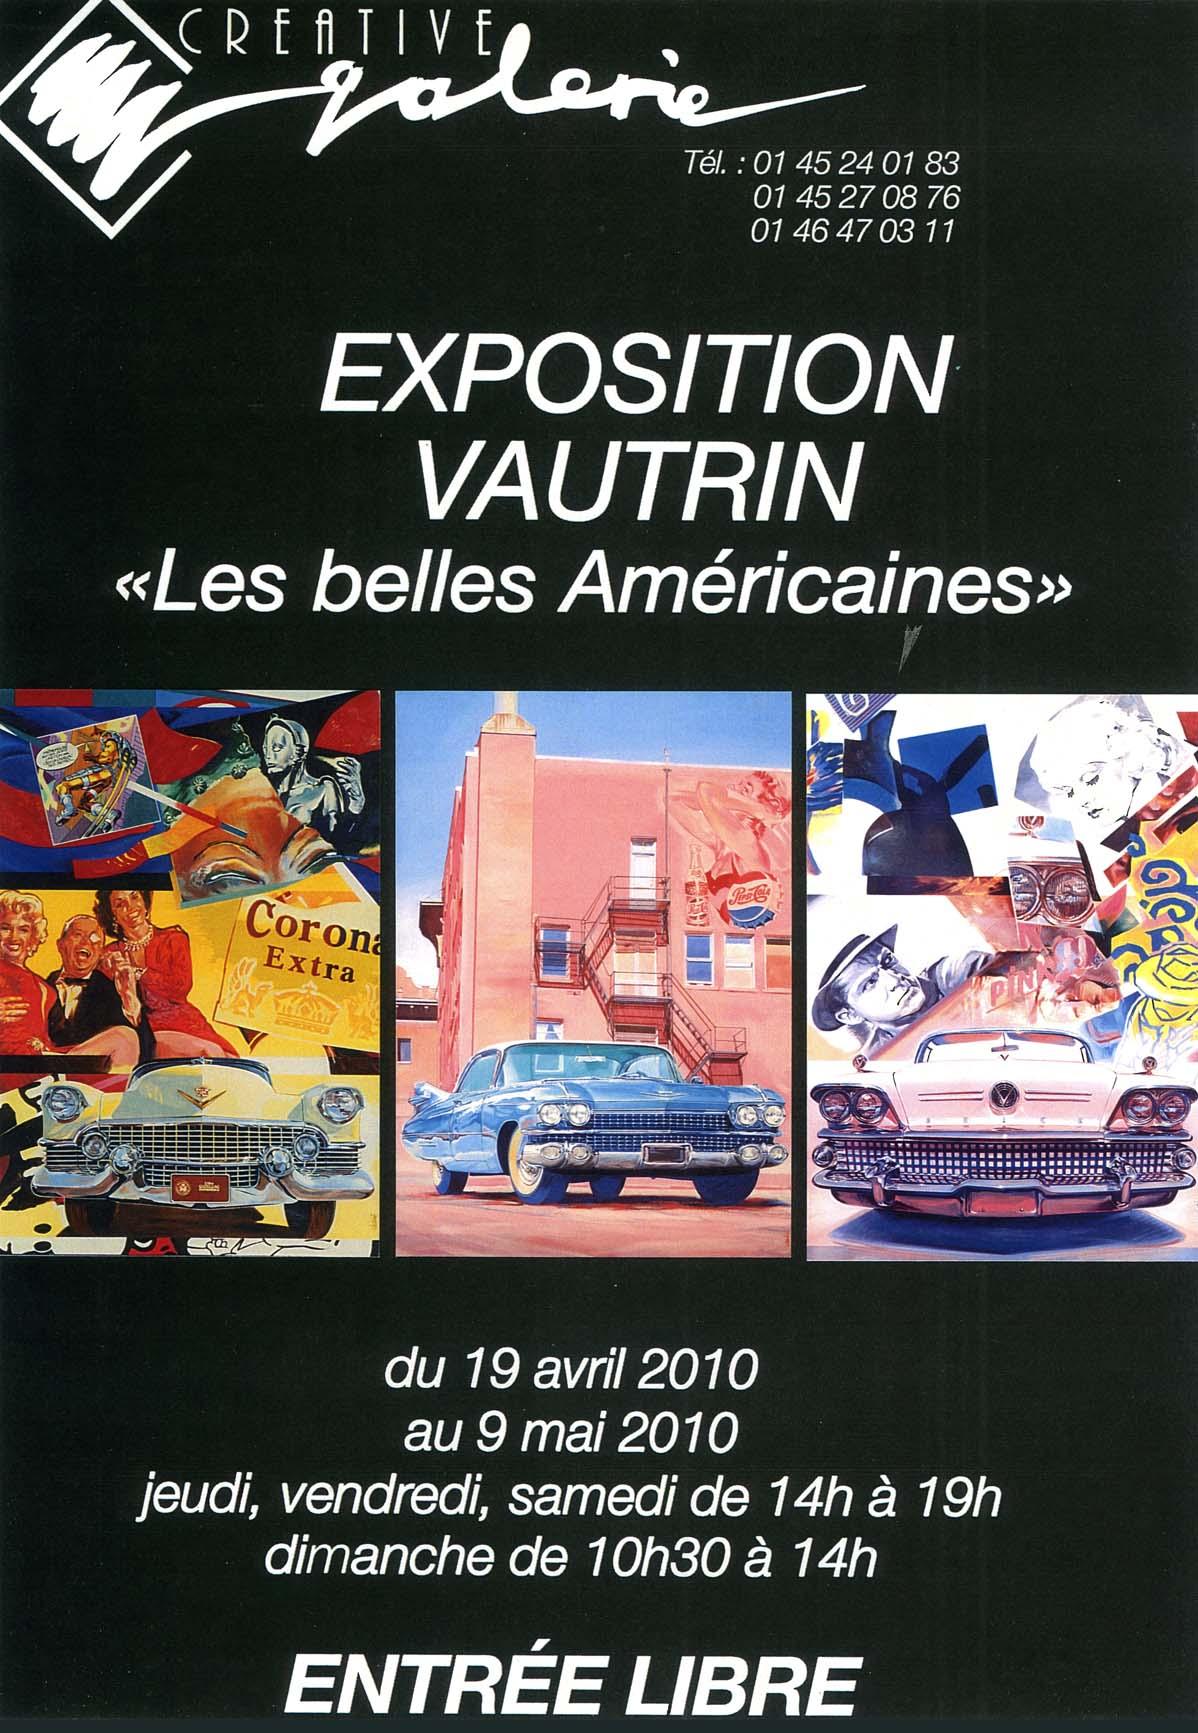 """Créative Galerie Exposition Vautrin """"Les Belles Américaines"""" 2010"""